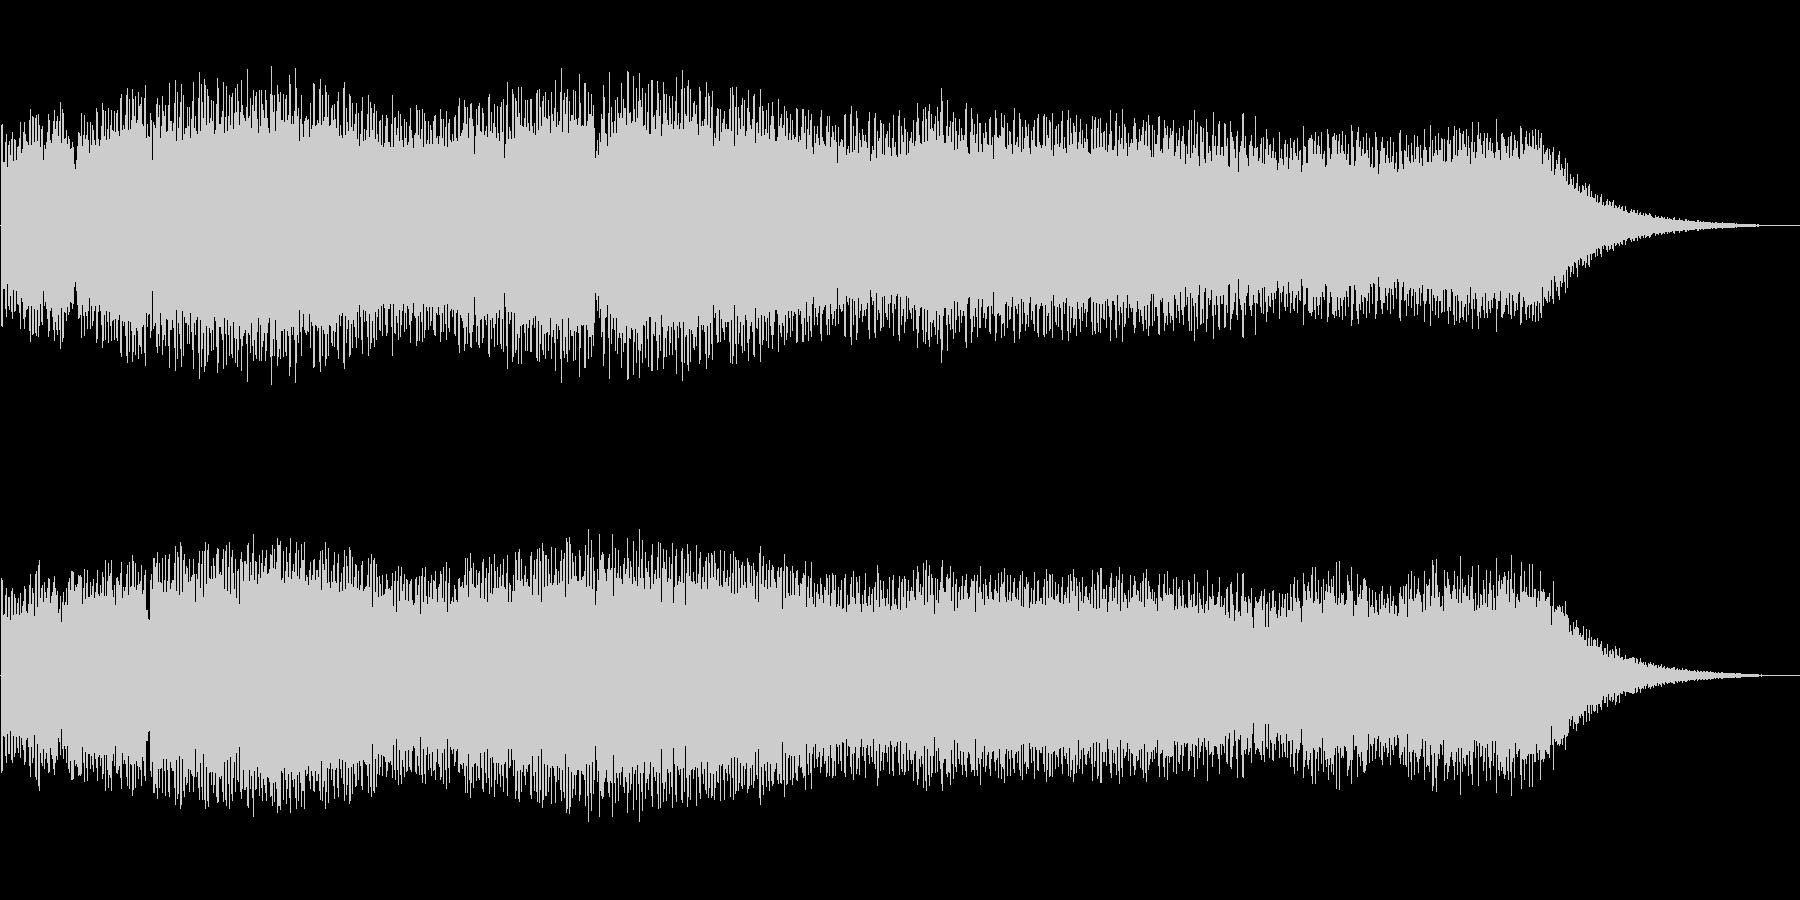 シンセサイザー電子音_FM_FX_宇宙の未再生の波形